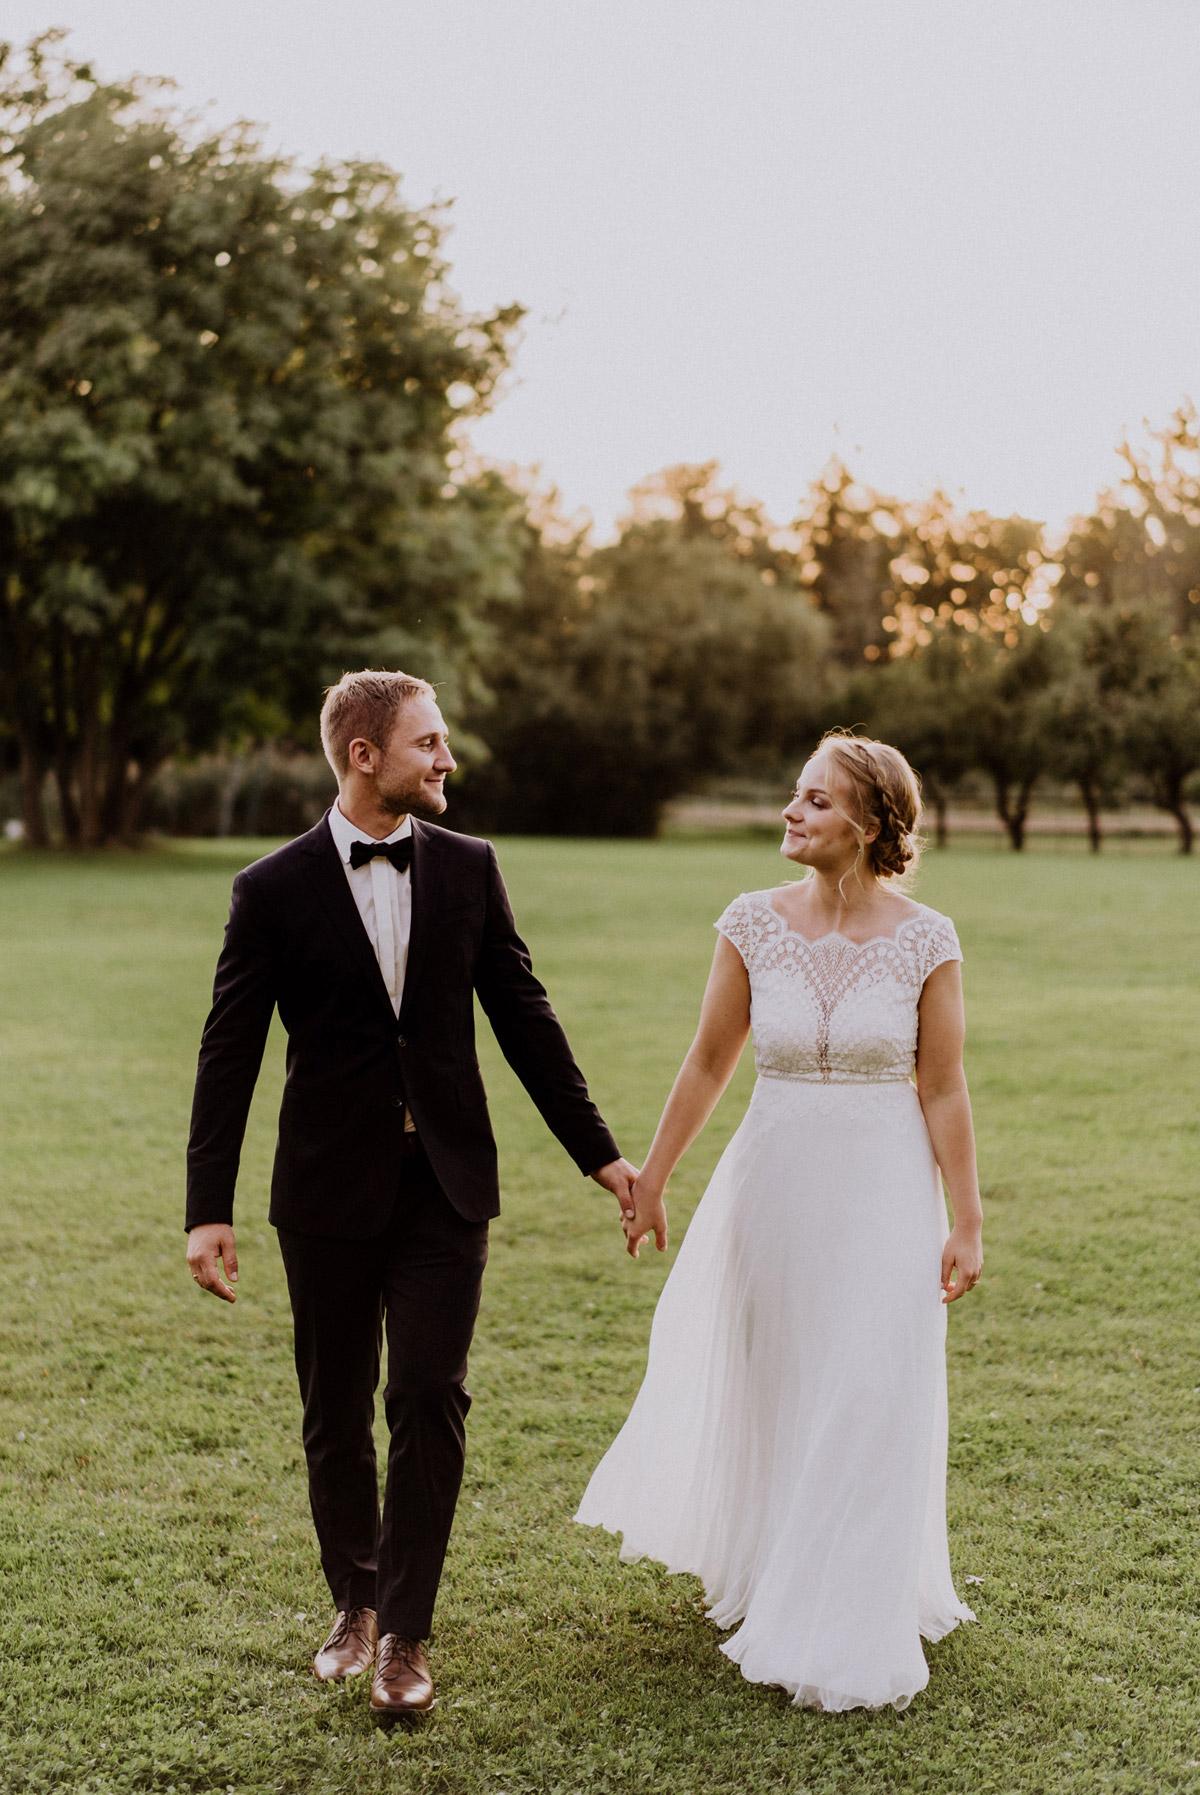 Hochzeit Paarfotos in Natur zum Sonnenuntergang auf Wiese Hochzeitspaar läuft Hand in Hand und schaut sich an